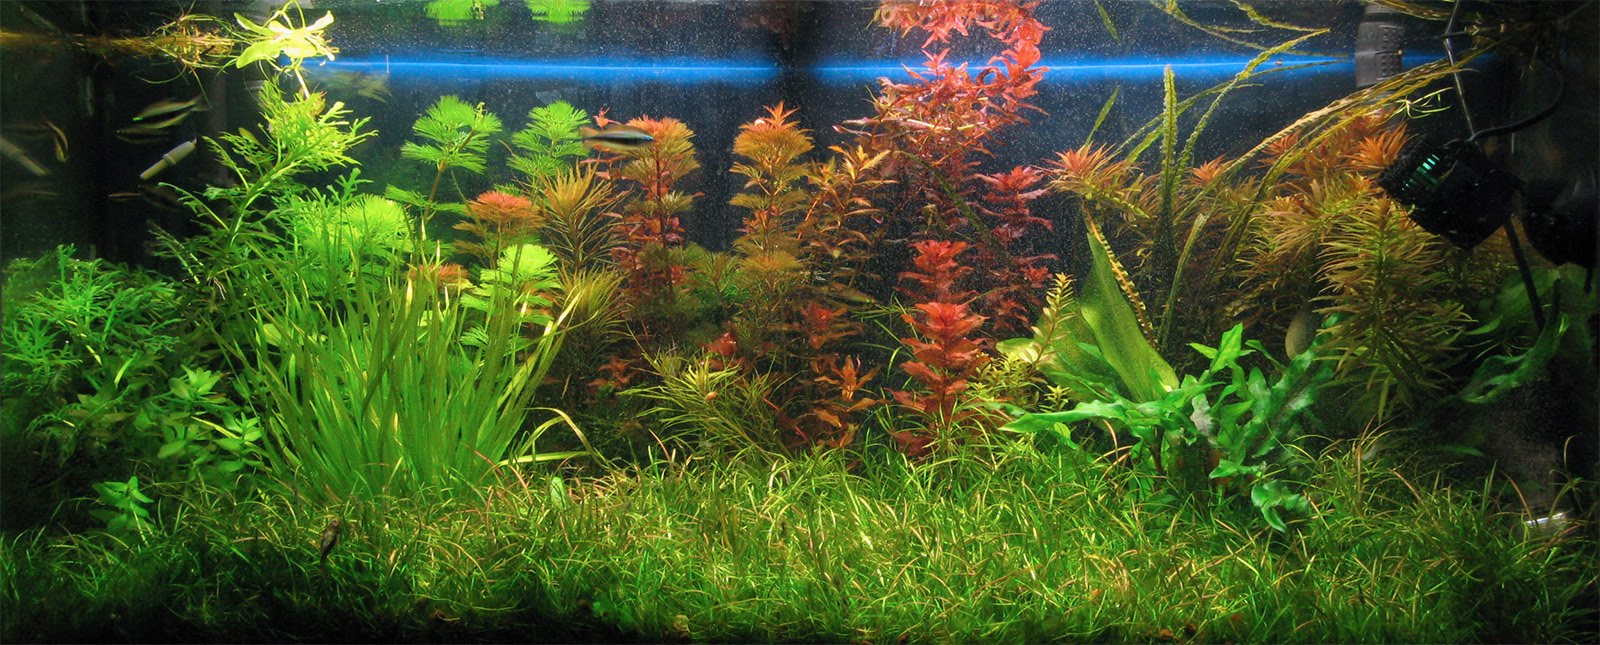 Piante Per Acquario Tropicale : Acquario foto maggio